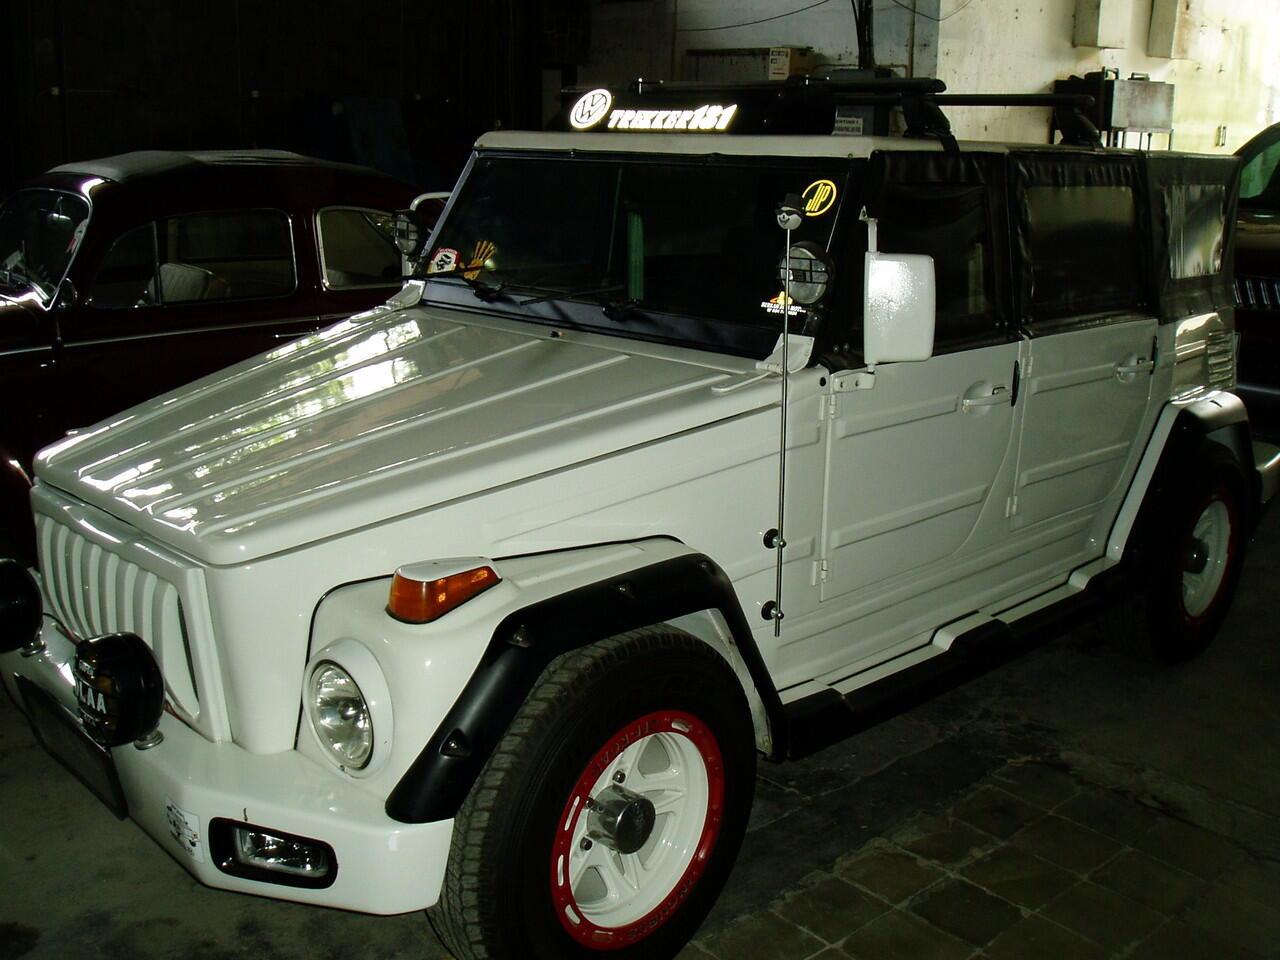 Terjual Jual Mobil VW antik | KASKUS